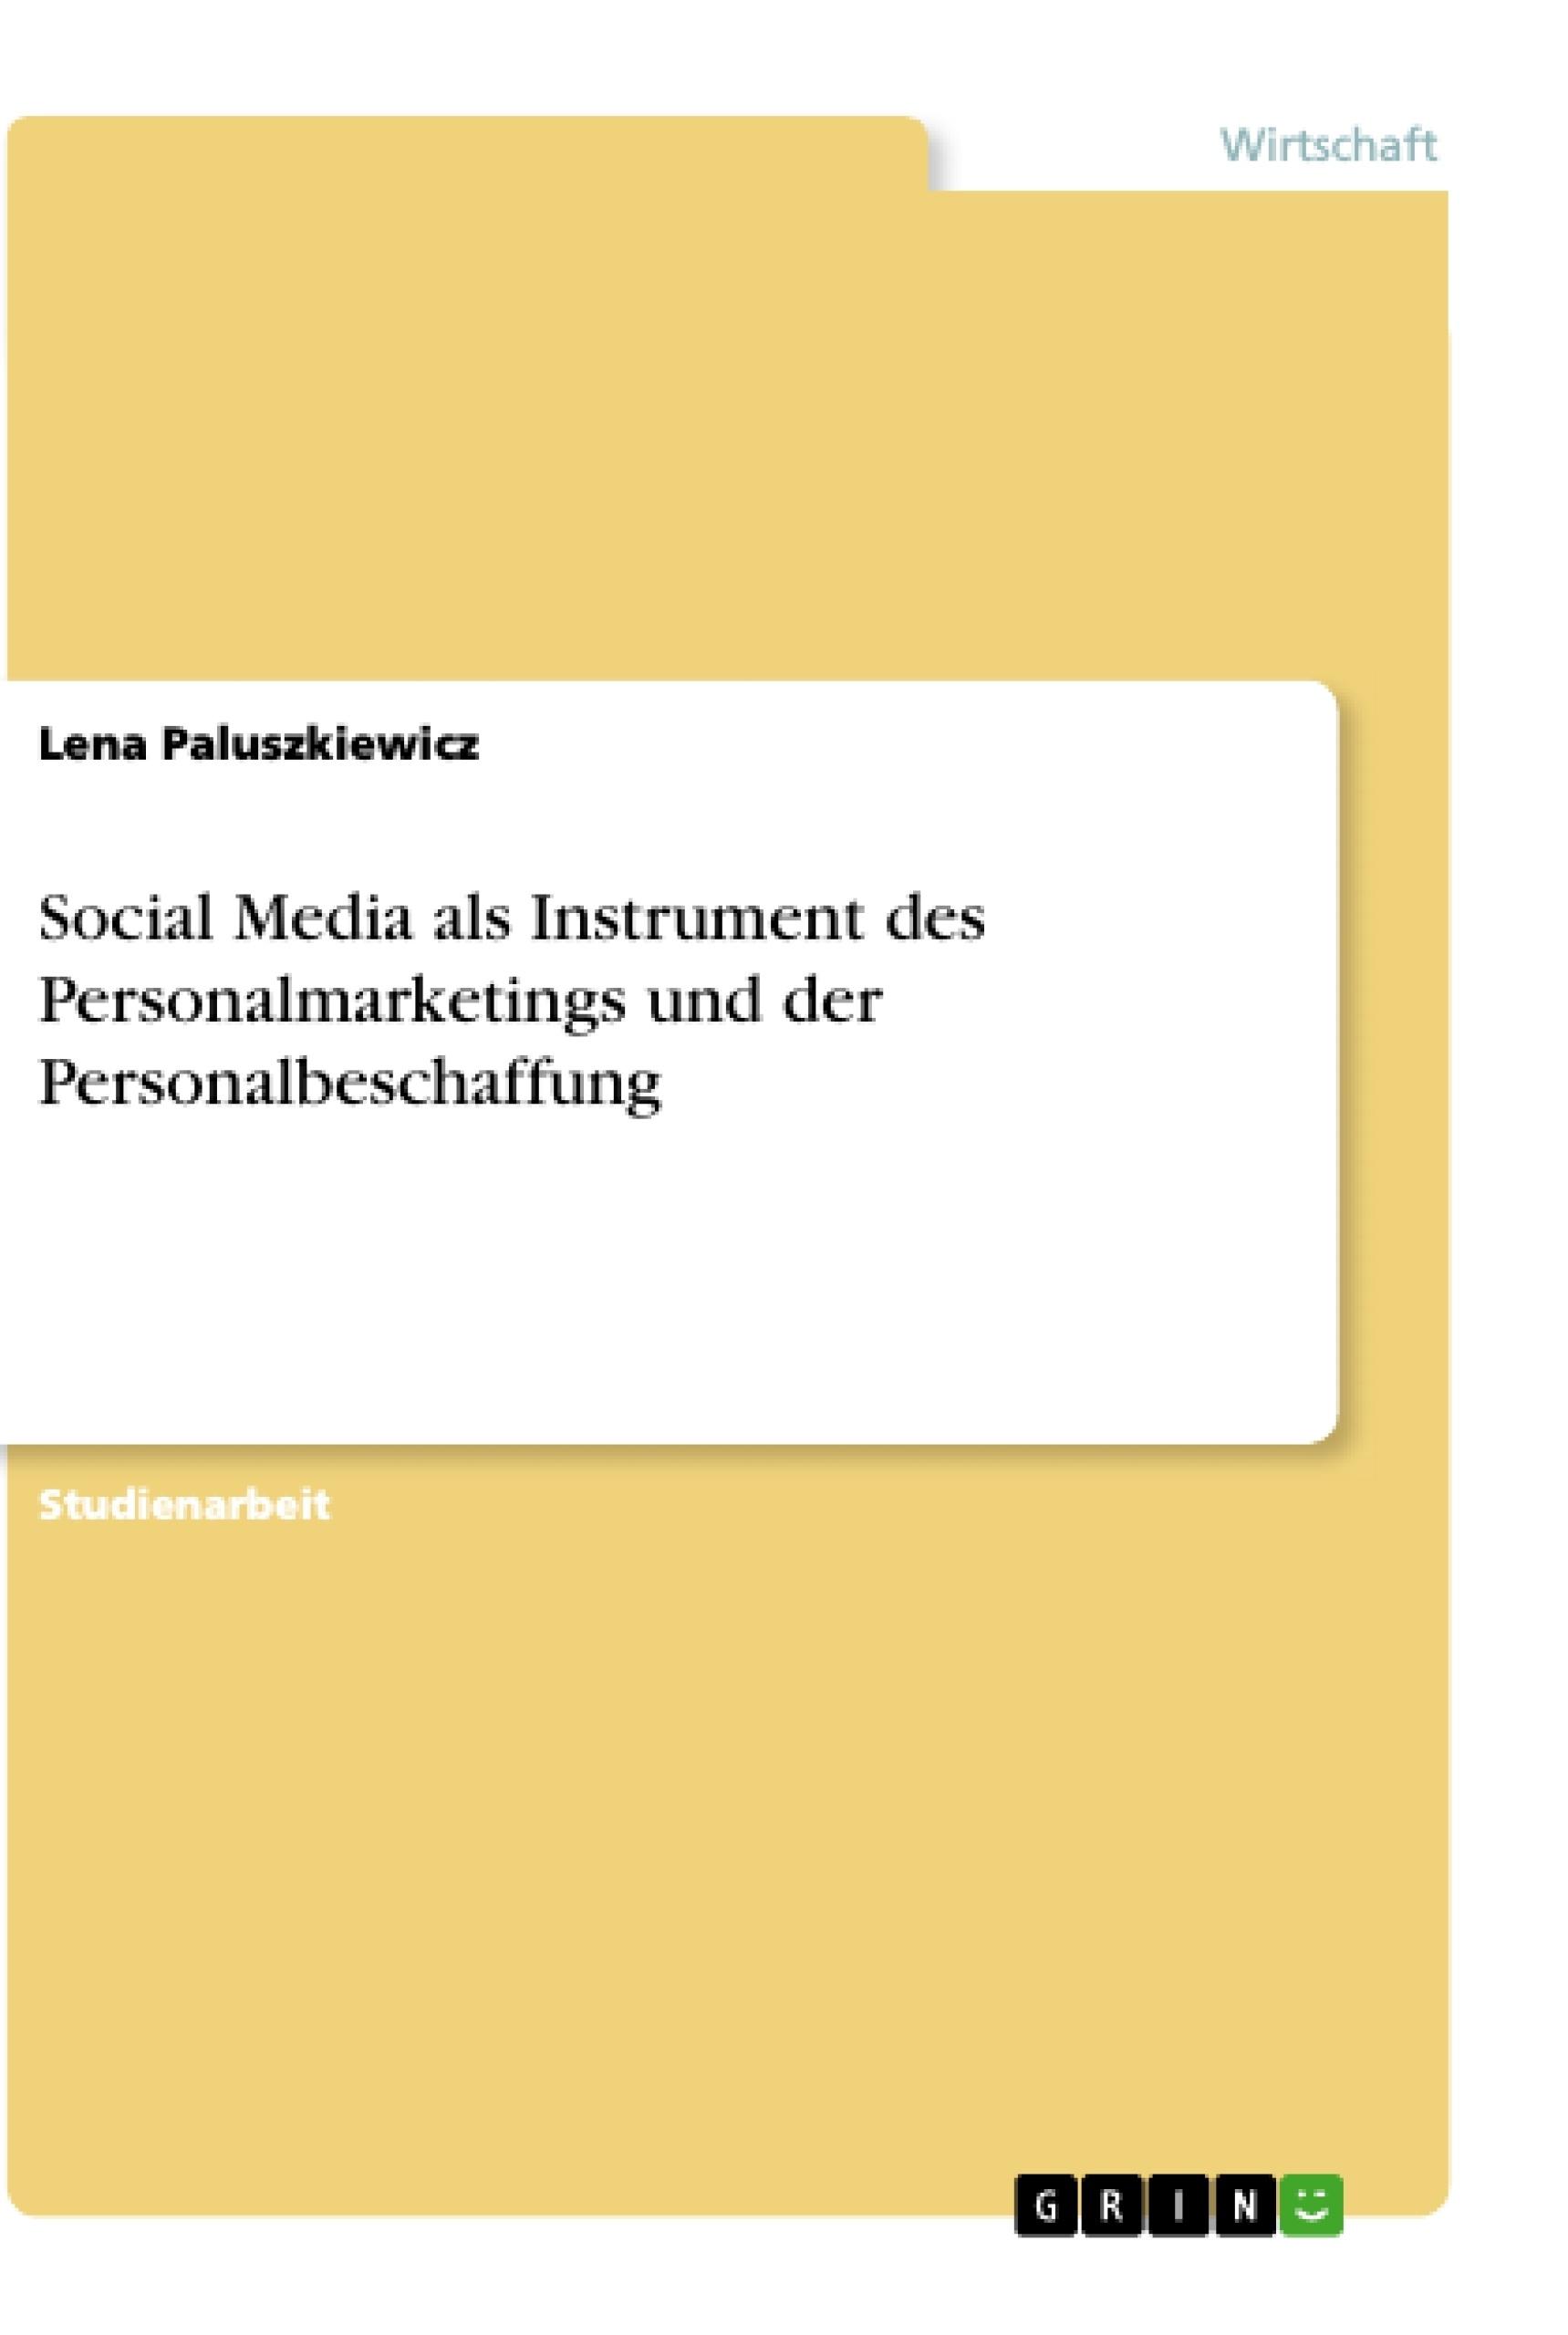 Titel: Social Media als Instrument des Personalmarketings und der Personalbeschaffung